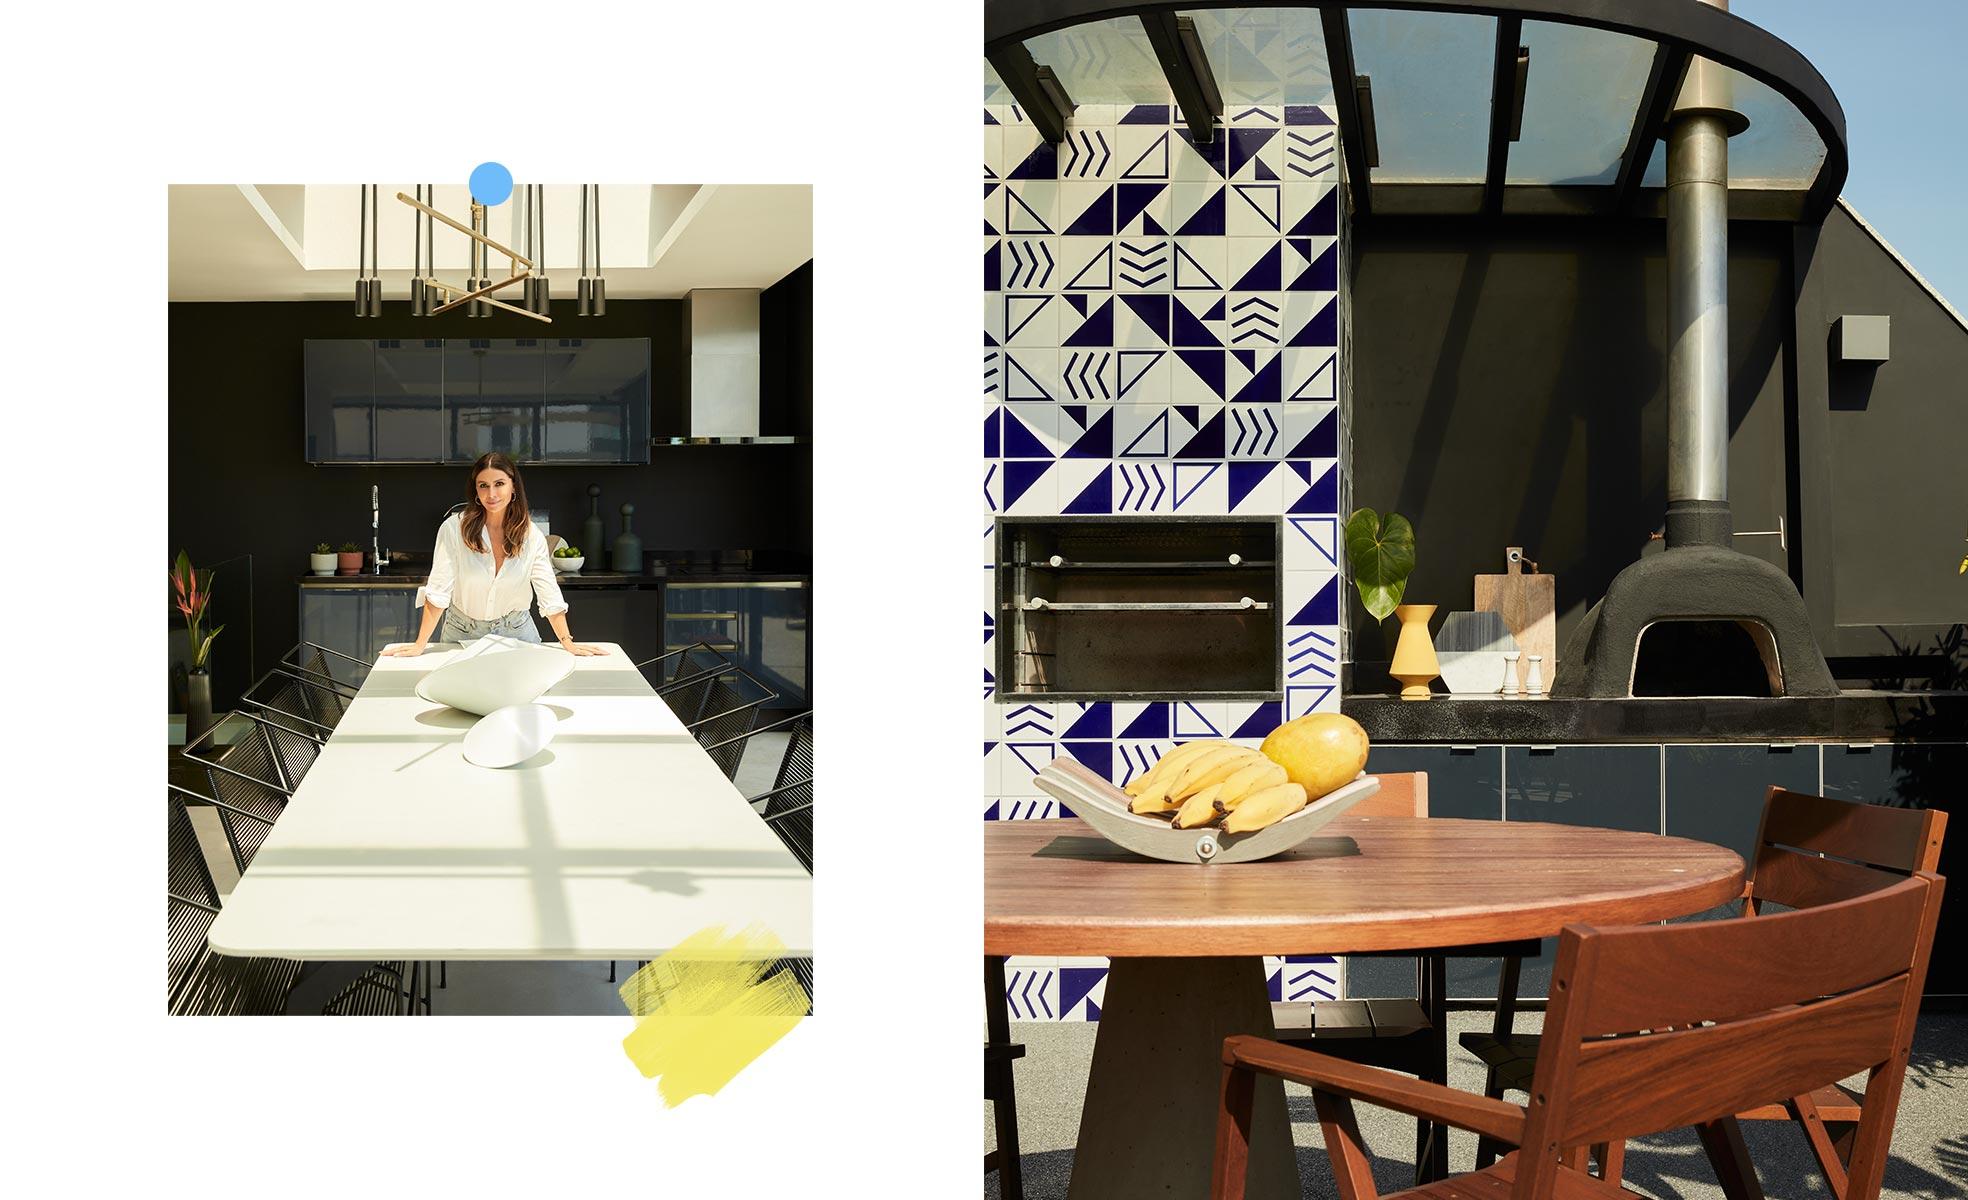 Mesa de jantar e churrasqueira revestida com azulejos geométricos | westwing.com.br